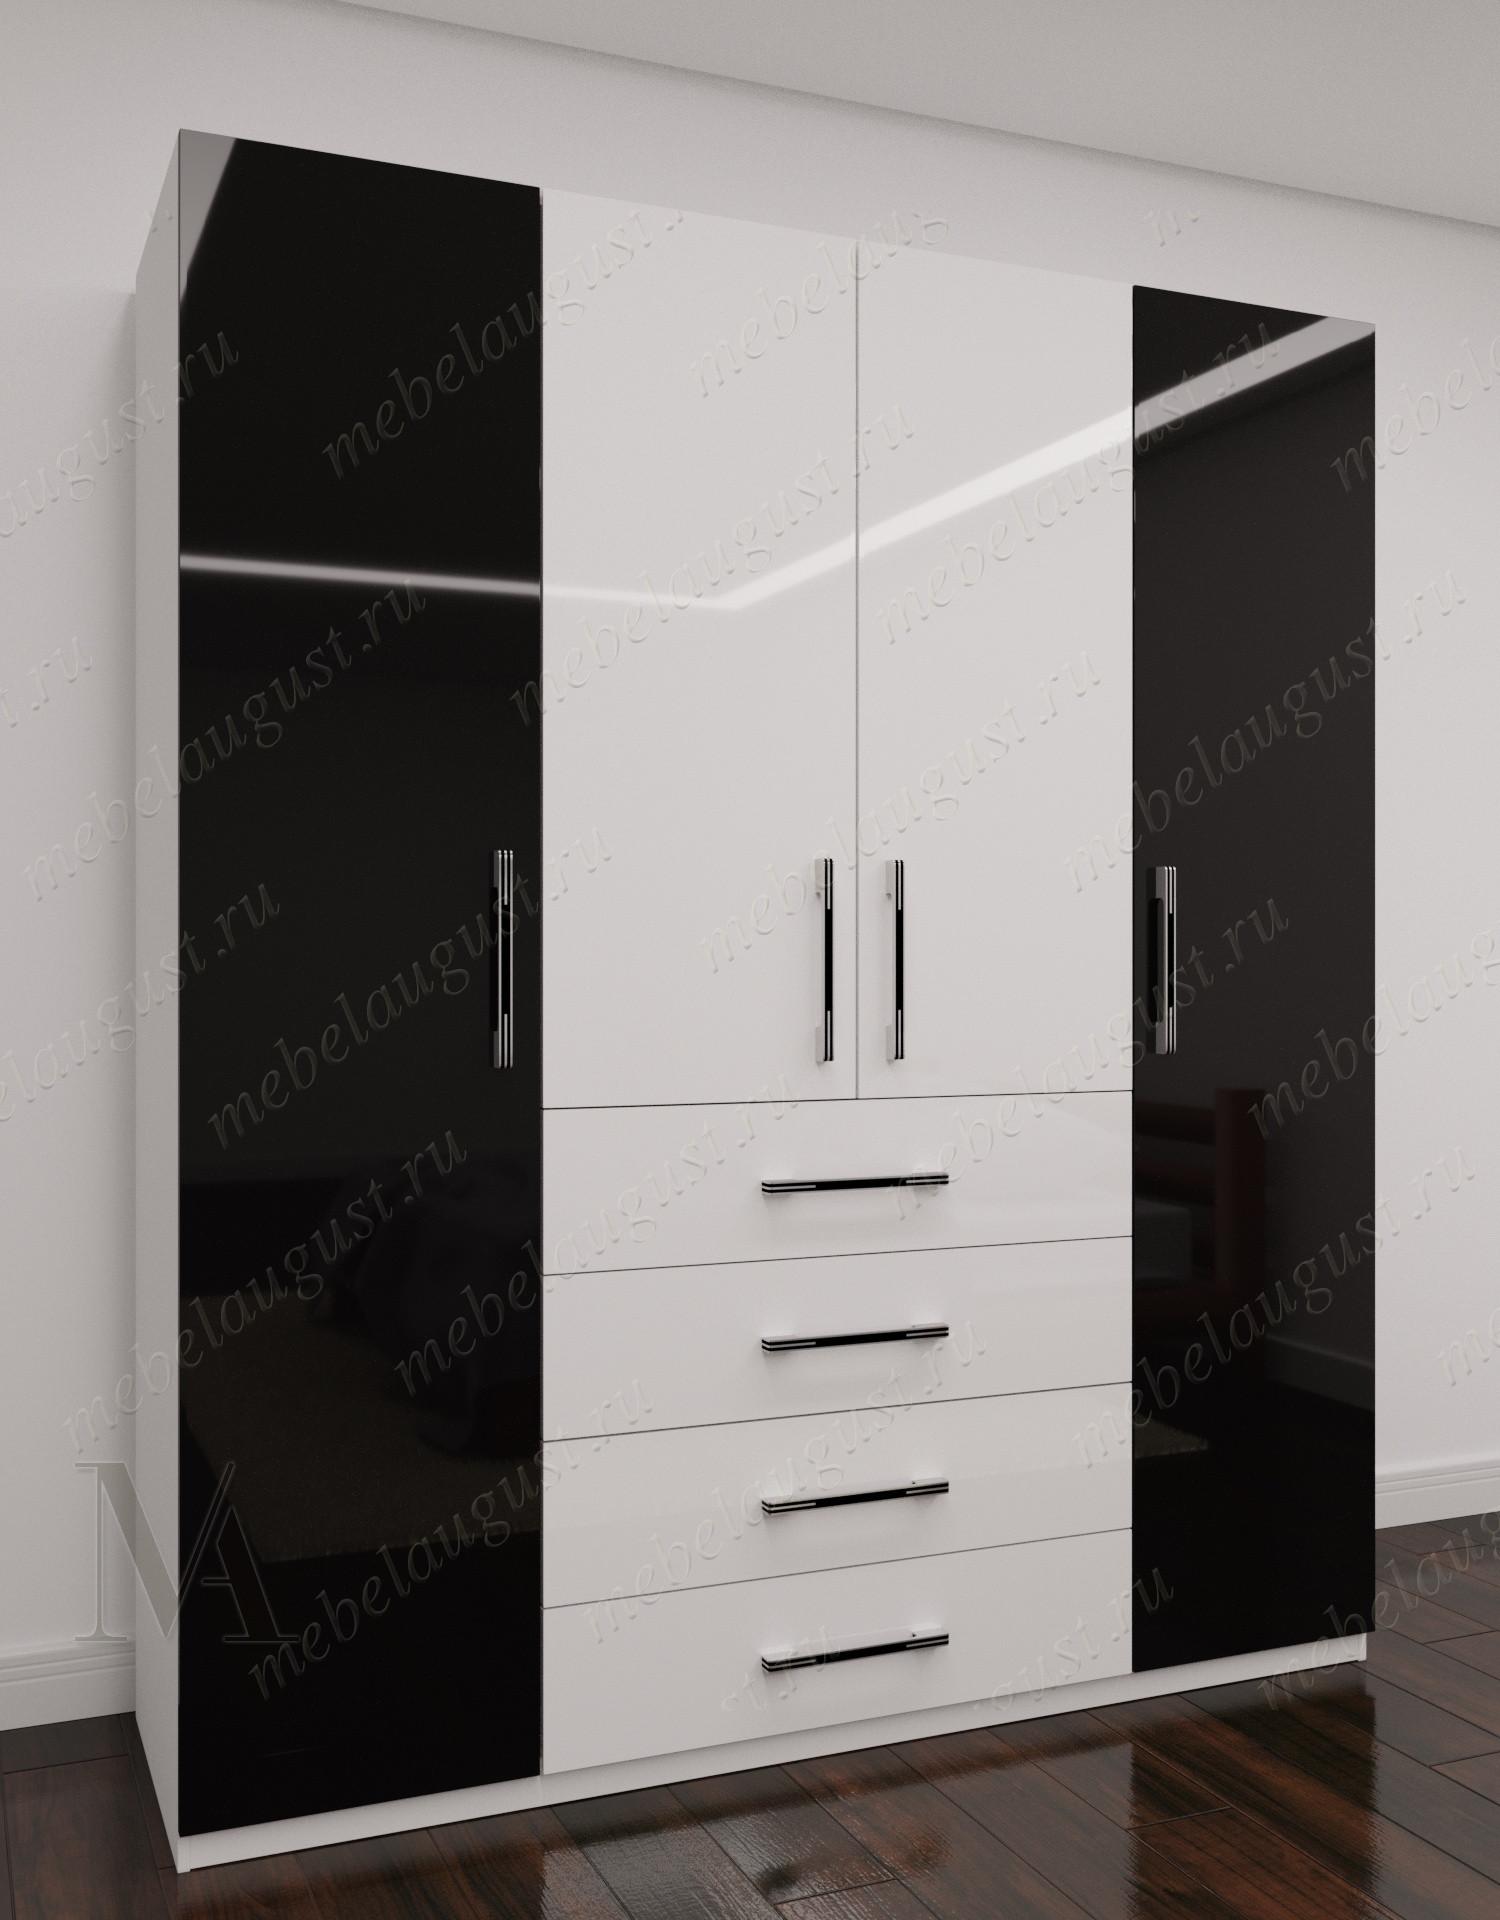 Четырехдверный распашной шкаф для одежды с выдвижными ящиками в спальню